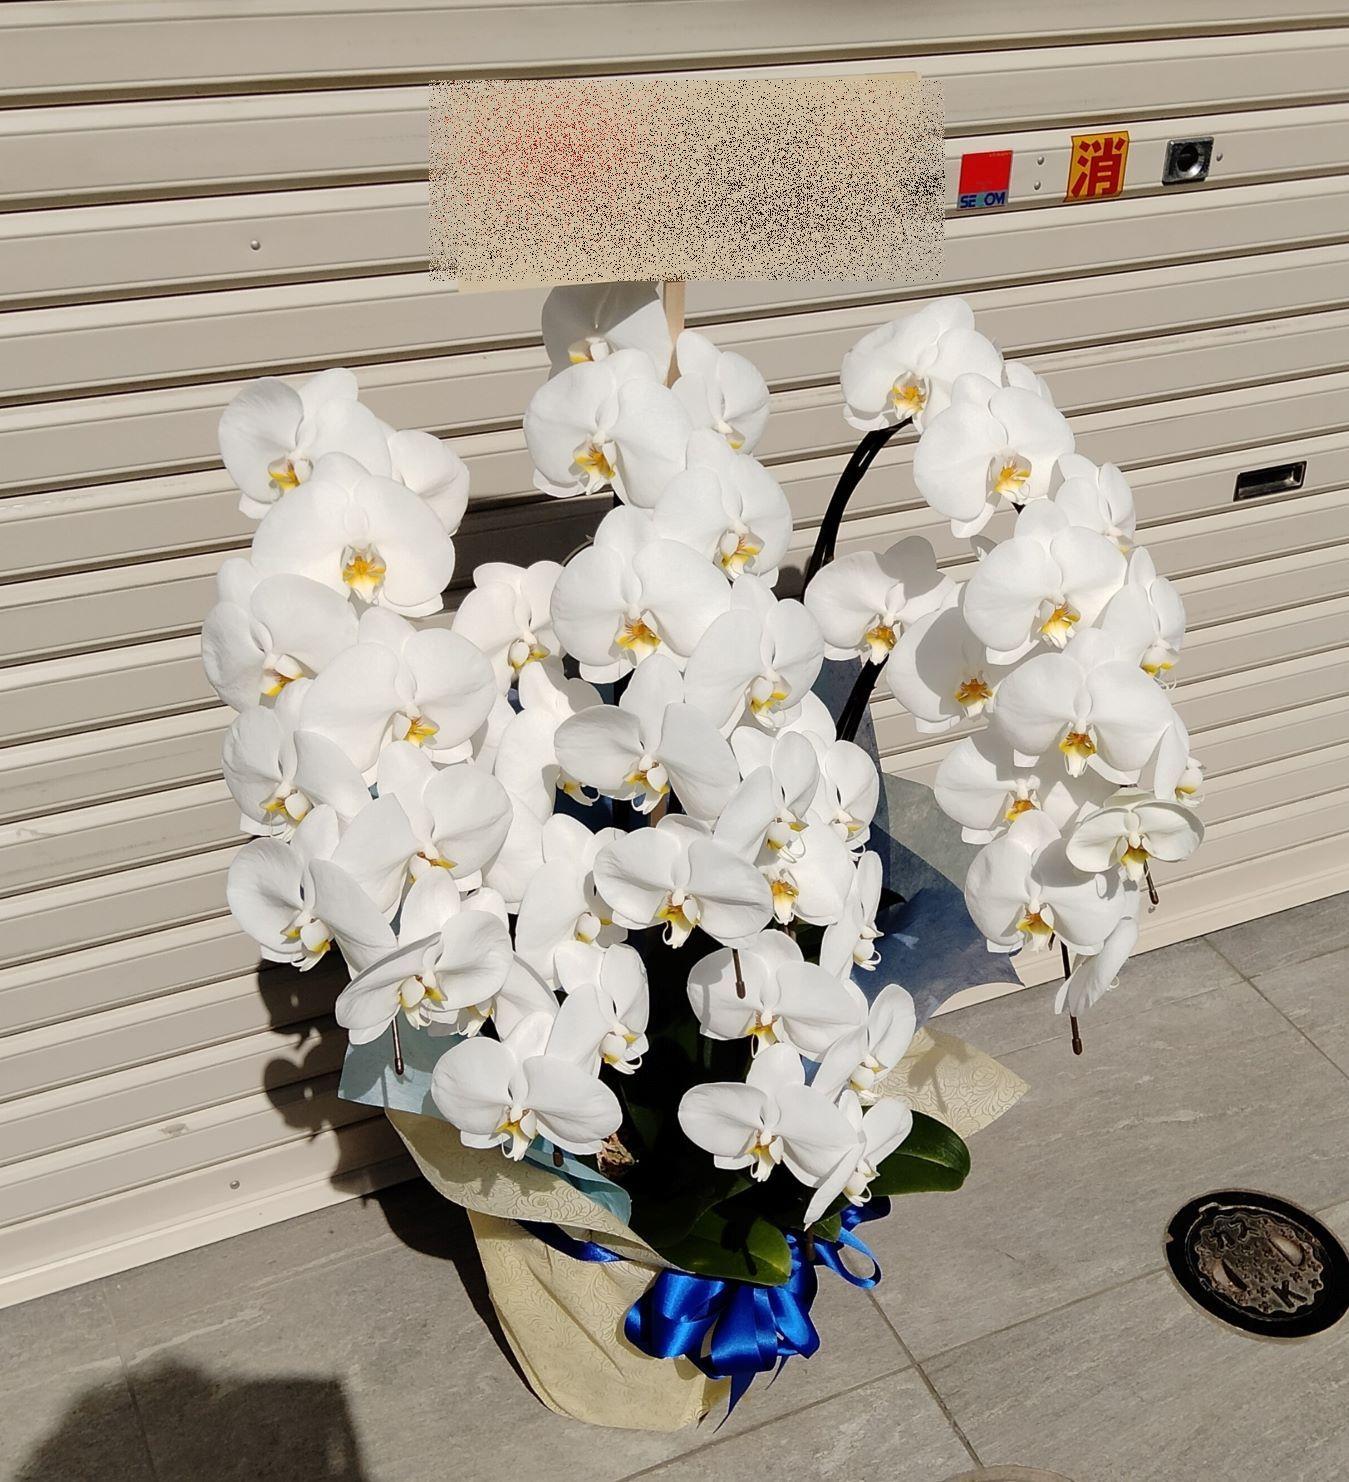 横浜市西区へ胡蝶蘭を配達しました。【横浜花屋の花束・スタンド花・胡蝶蘭・バルーン・アレンジメント配達事例876】